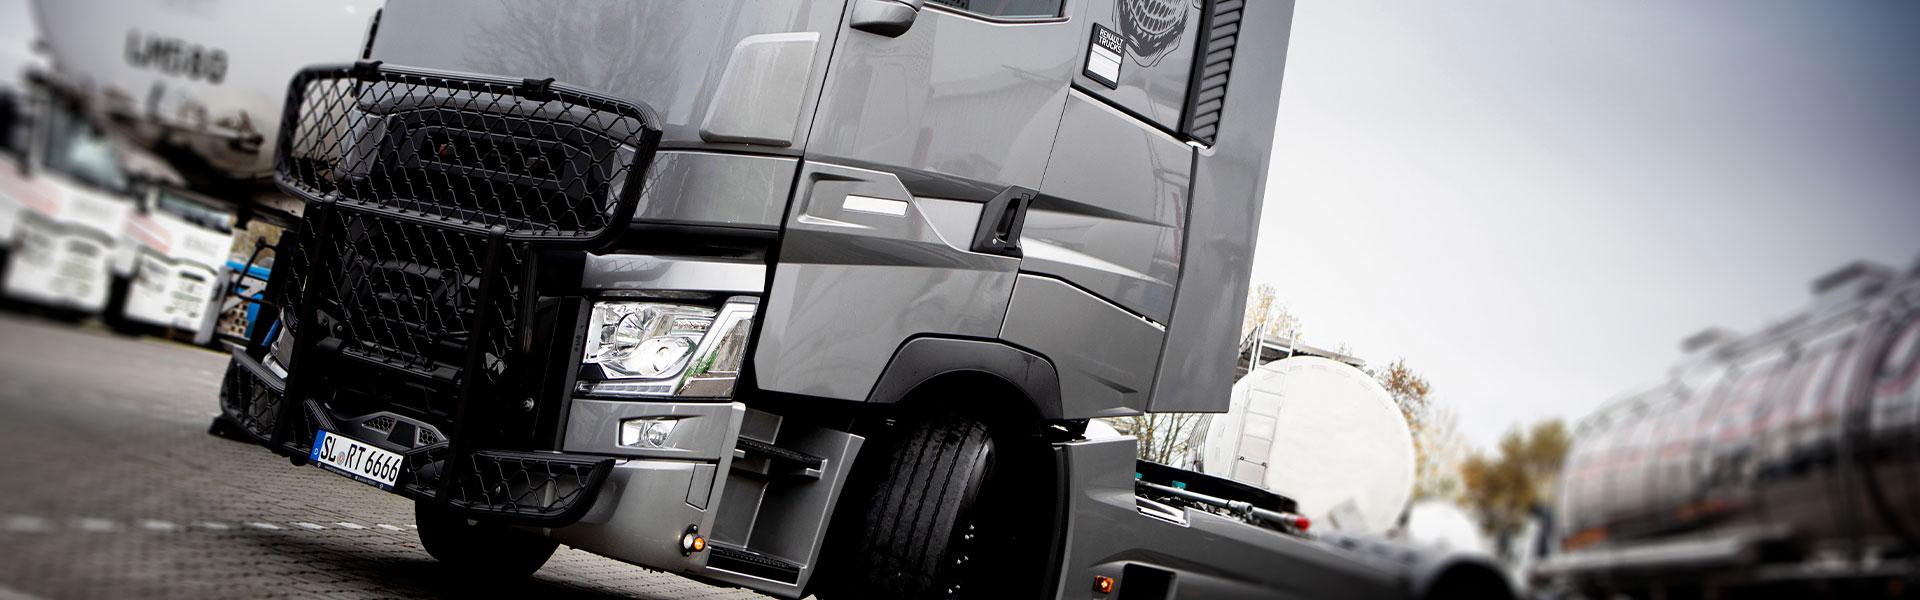 Truckvermietung in Grossenwiehe. Wir haben eine tolle Auswahl an Trucks, Transportern und Schuubbodenaufliegern